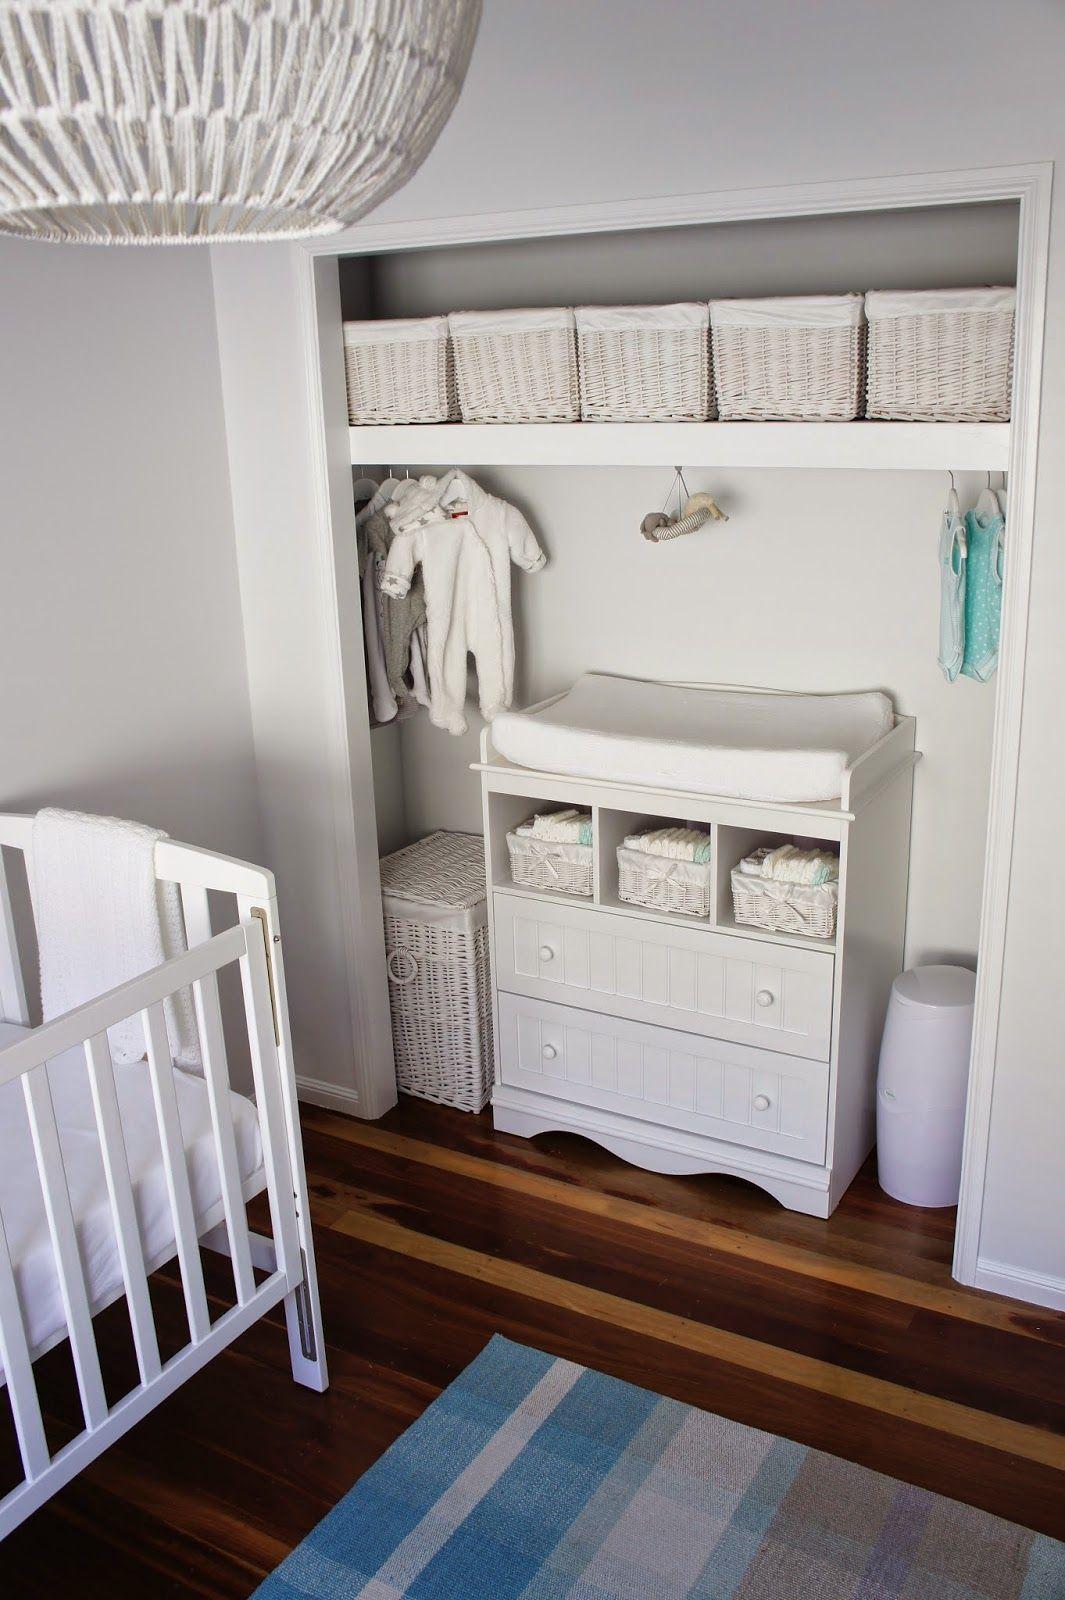 small nursery ideas to